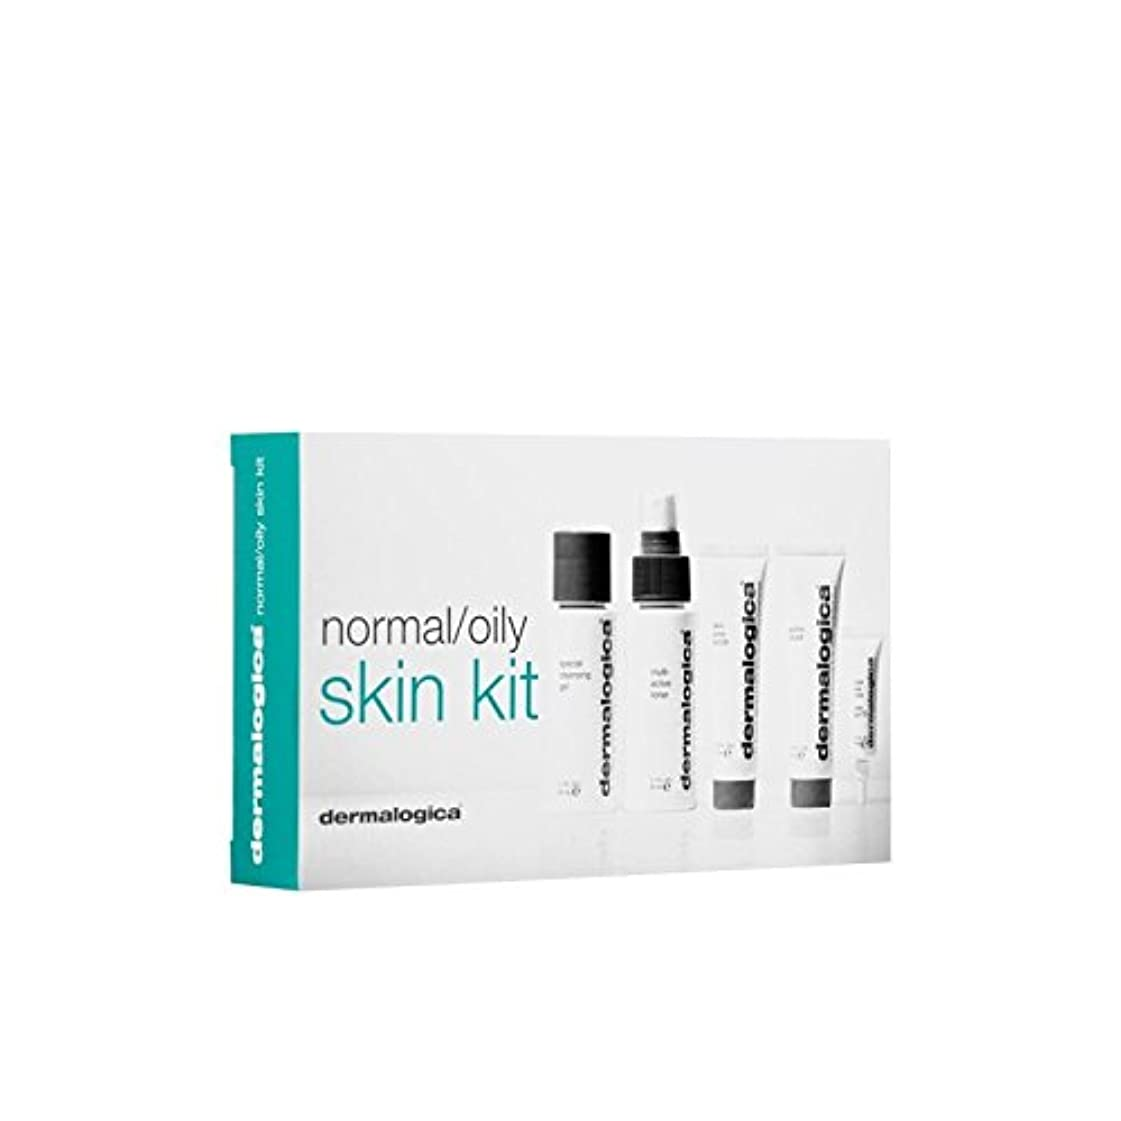 くそーしょっぱい抑制するDermalogica Skin Kit - Normal/Oily (5 Products) (Pack of 6) - ダーマロジカスキンキット - ノーマル/オイリー(5製品) x6 [並行輸入品]